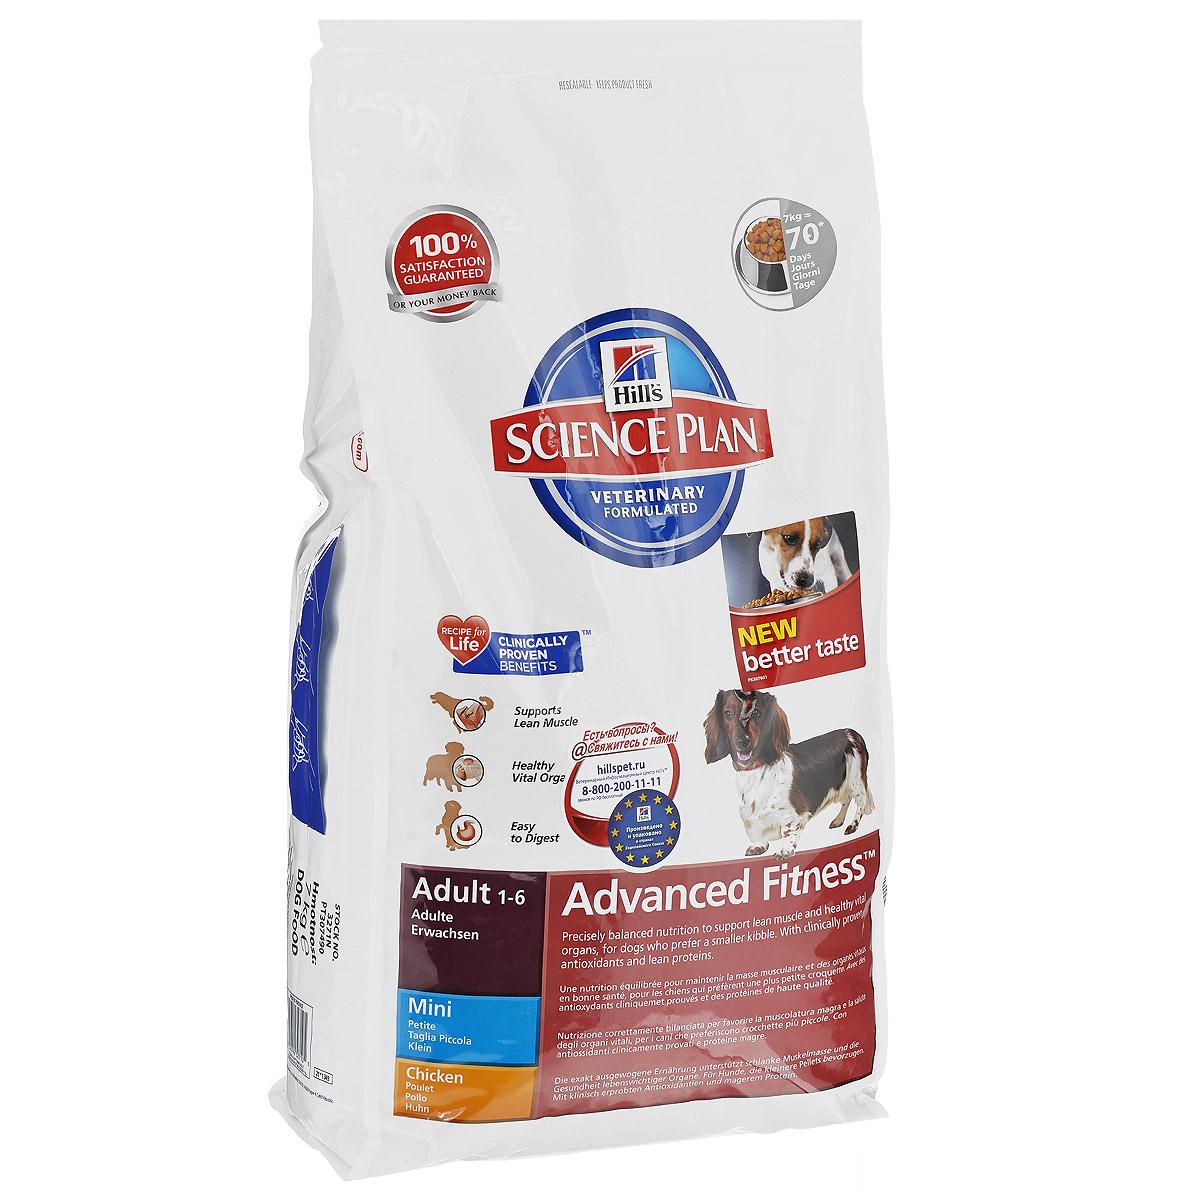 Корм сухой Hills Advanced Fitness для взрослых собак мелких пород, с курицей, 7 кг3271Корм сухой Hills предназначен для взрослых собак мелких пород в возрасте от 1 года до 6 лет. Разработан для поддержания мускулатуры и здоровья жизненно важных органов у собак, предпочитающих мелкие гранулы. С антиоксидантами с клинически подтвержденным эффектом, протеином для мускулатуры и Омега-3 жирными кислотами. Ключевые преимущества: Высоко перевариваемый протеин для крепкой мускулатуры. Поддерживает здоровье внутренних органов благодаря оптимальному балансу фосфора и натрия. Высоко перевариваемые ингредиенты. Великолепный вкус. Состав: курица (минимум 20% курицы, 30% общего содержания мяса домашней птицы), молотая кукуруза, мука из мяса домашней птицы, соевая мука, животный жир, мука из маисового глютена, гидролизат белка, растительное масло, соль, семя льна, калия цитрат, L-лизина гидрохлорид, кальция карбонат, таурин, L-триптофан, витамины и микроэлементы. Содержит натуральные консерванты - смесь токоферолов, лимонную...